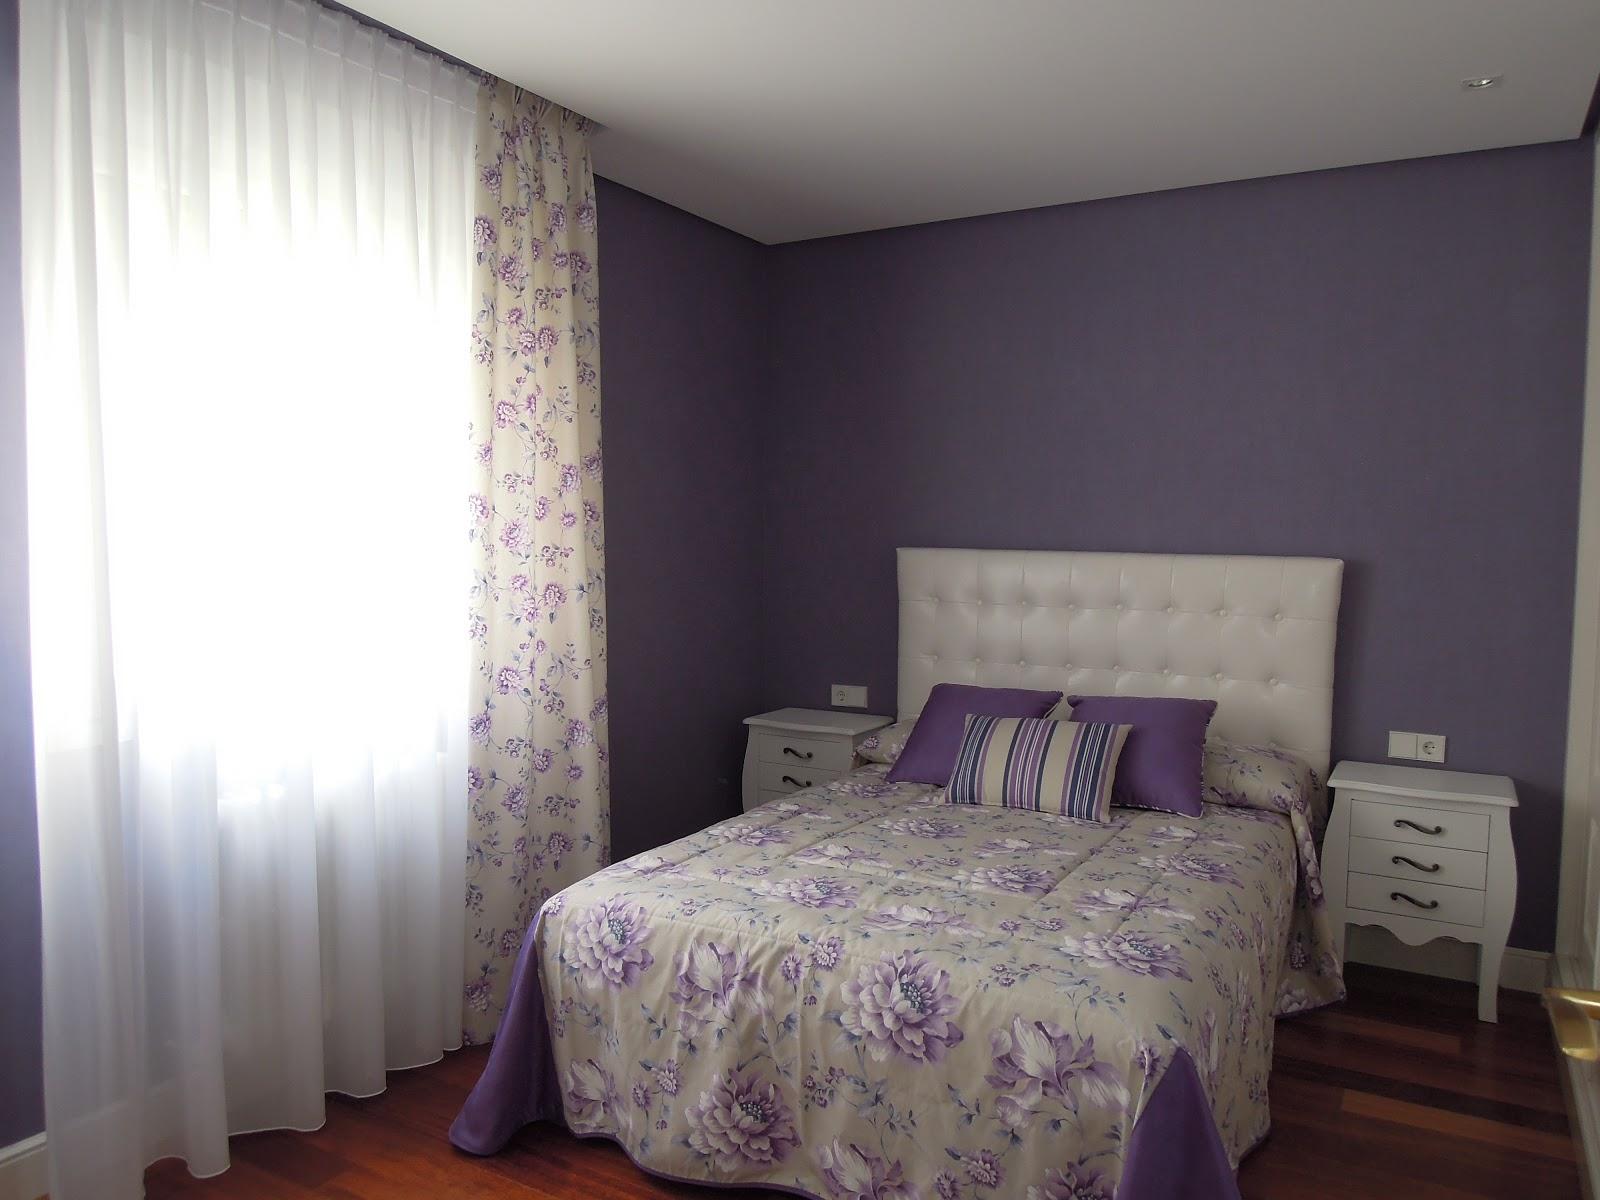 Cortinas habitacion juvenil - Cortinas dormitorio juvenil ...